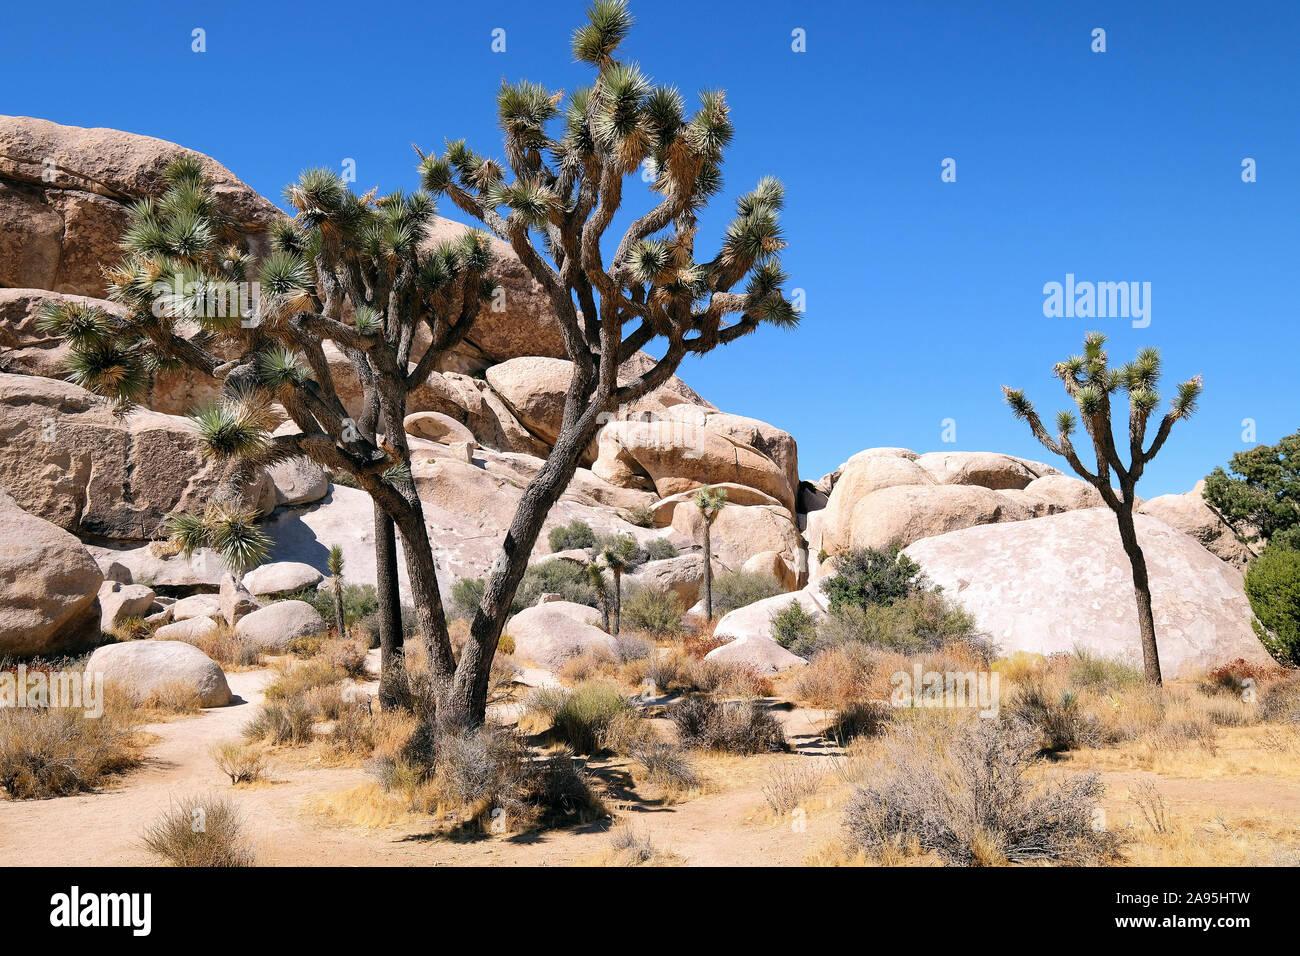 El Parque Nacional Joshua Tree National Park, California, EE.UU. Foto de stock